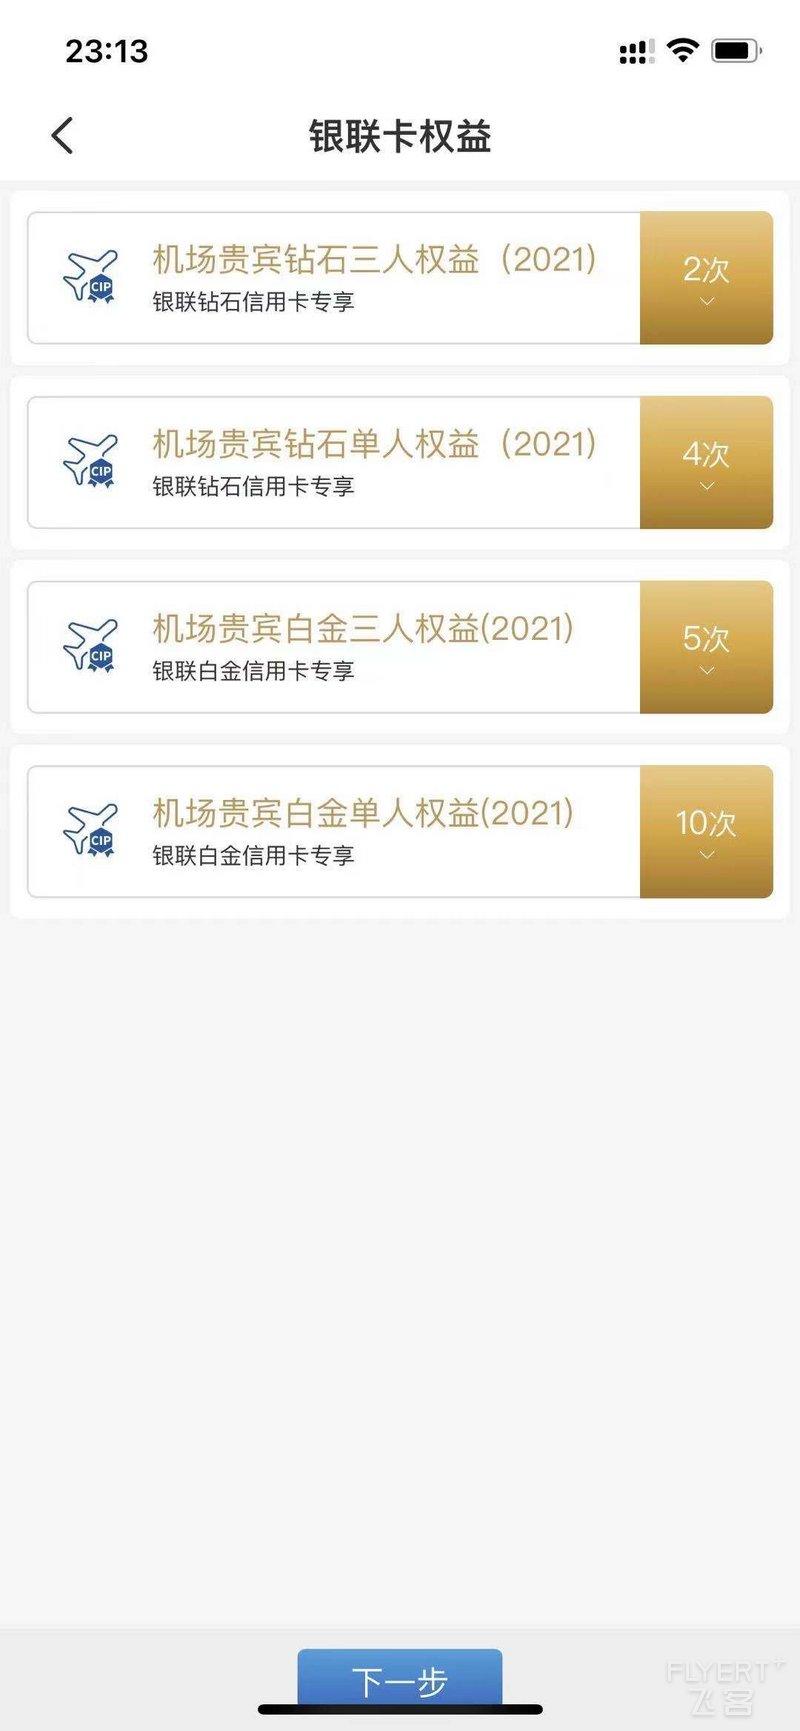 寰俊鍥剧墖_20210722100717.jpg